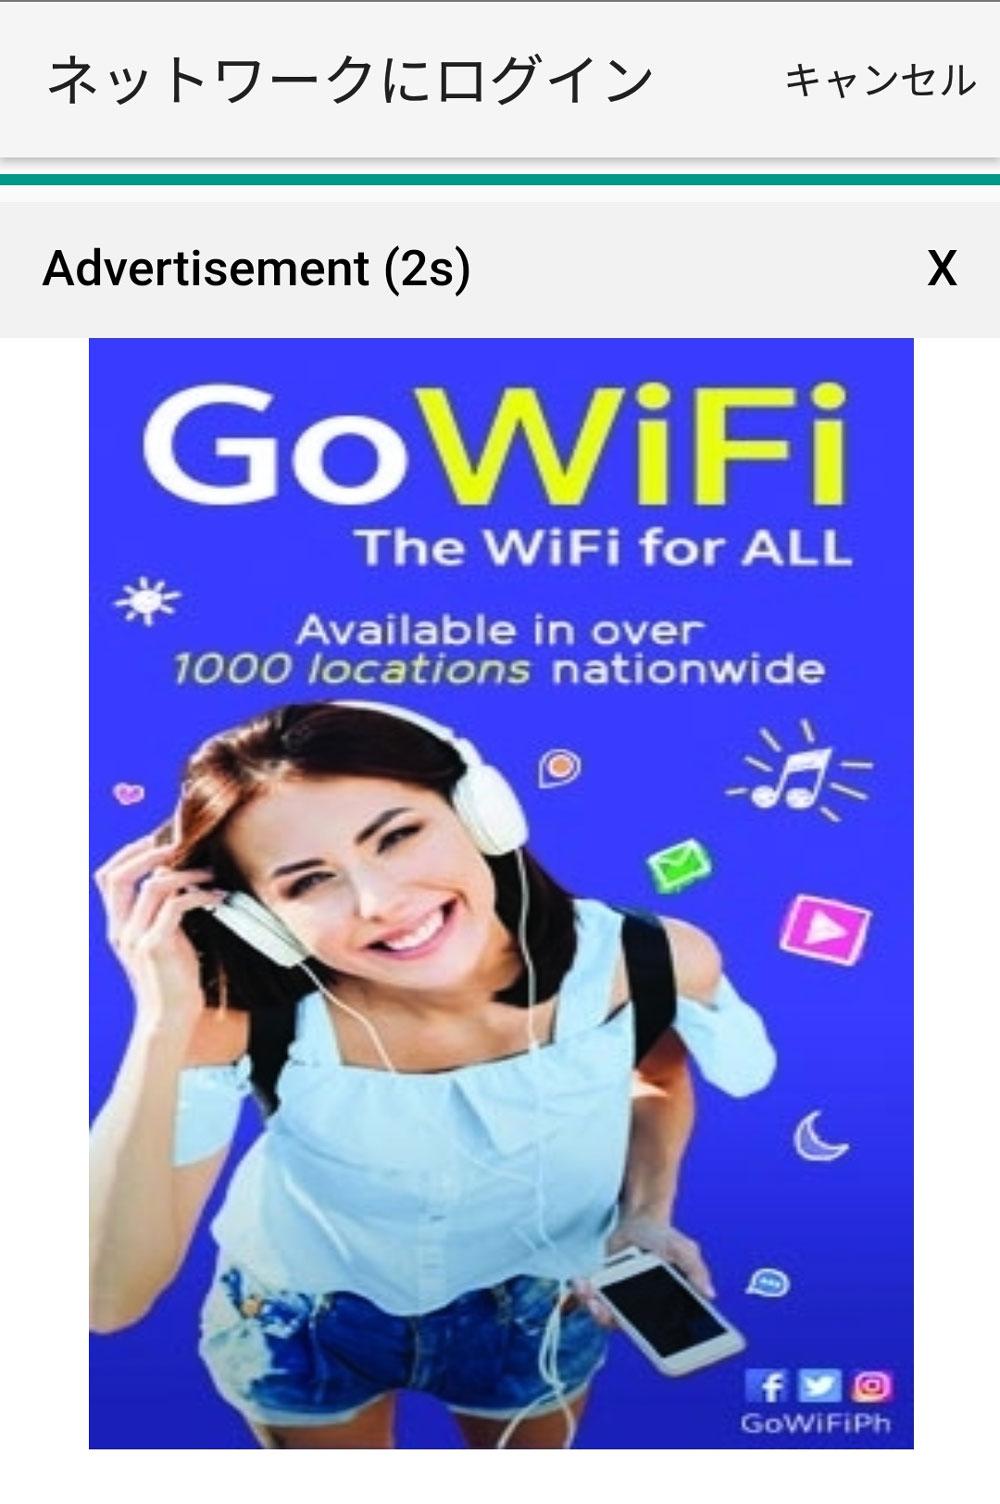 数秒間広告が表示される